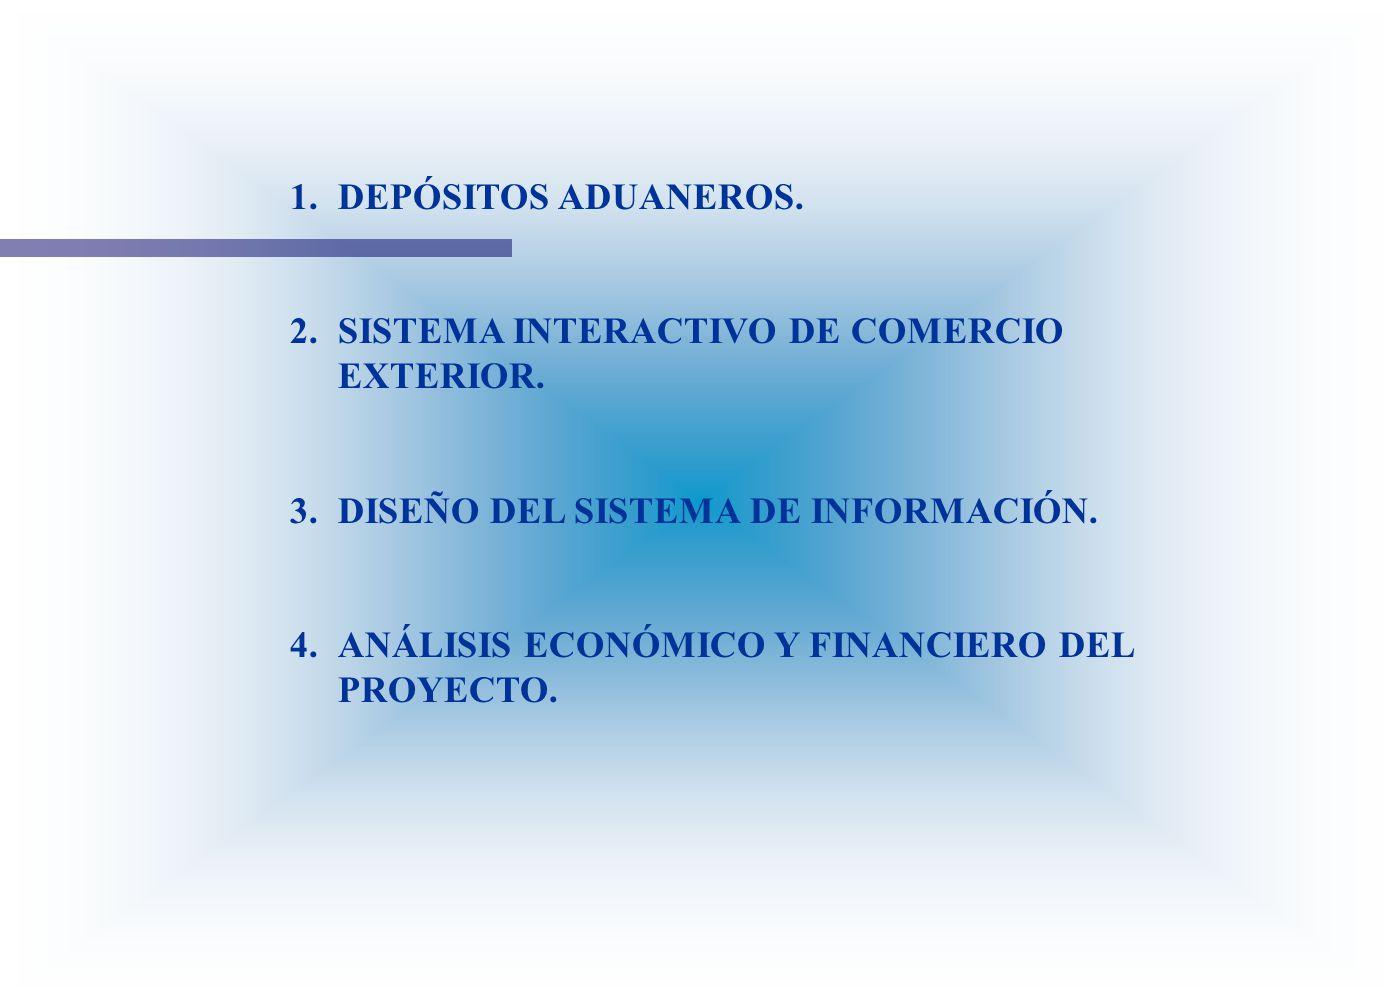 DEPÓSITOS ADUANEROS. SISTEMA INTERACTIVO DE COMERCIO EXTERIOR.